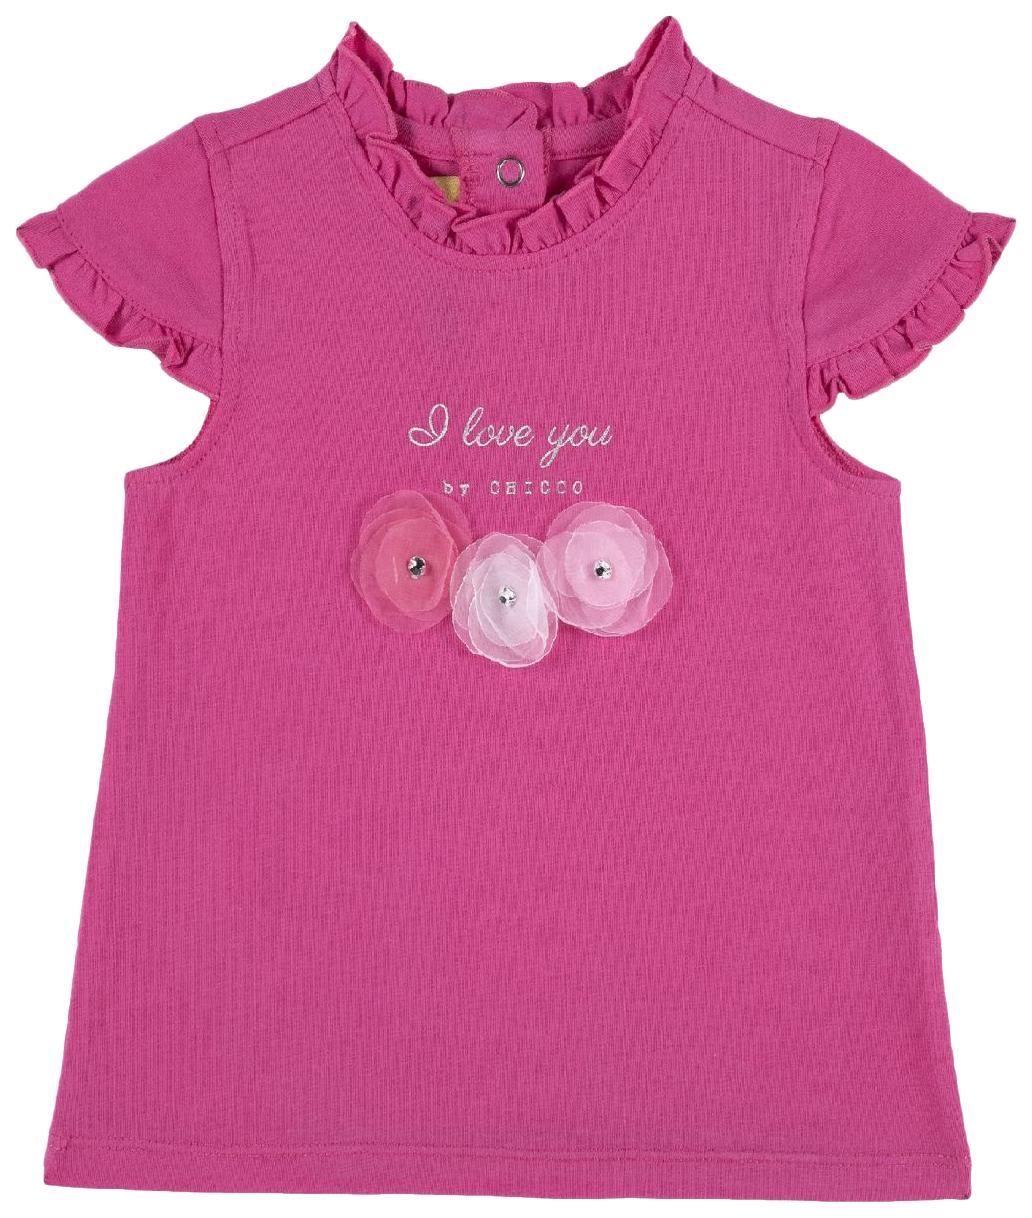 Купить 100877-M, Футболка Chicco, размер 086, цветы I love you (розовый), Кофточки, футболки для новорожденных